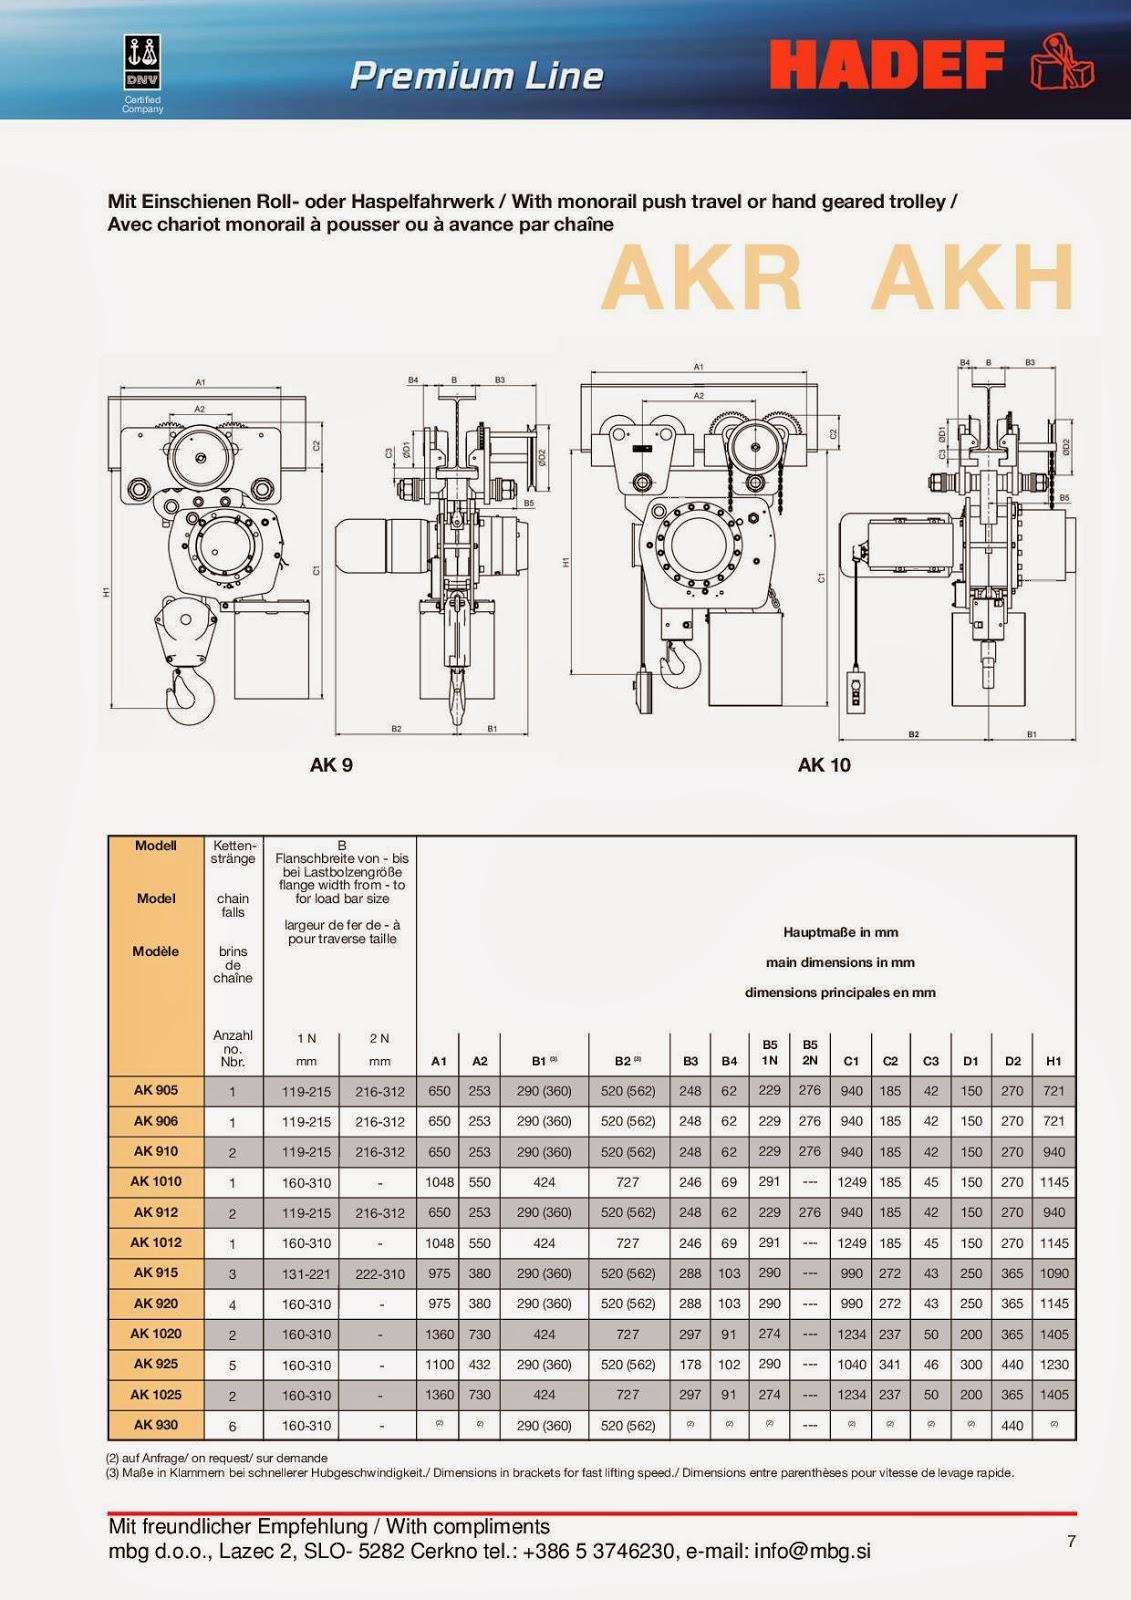 Elektro-Kettenzug / Electric Chain Hoist / Palan Electrique à chaîne - 7